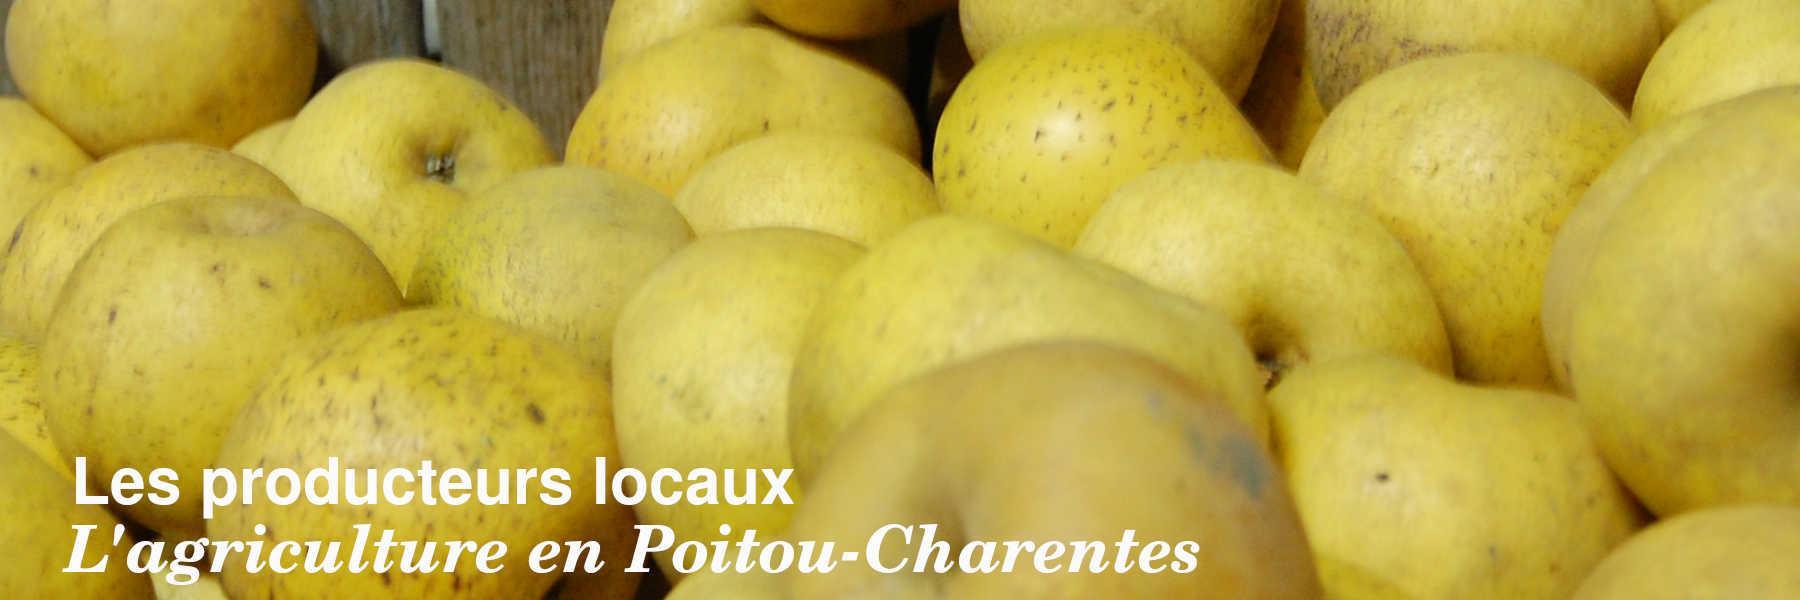 Les producteurs locaux de Poitou-Charentes